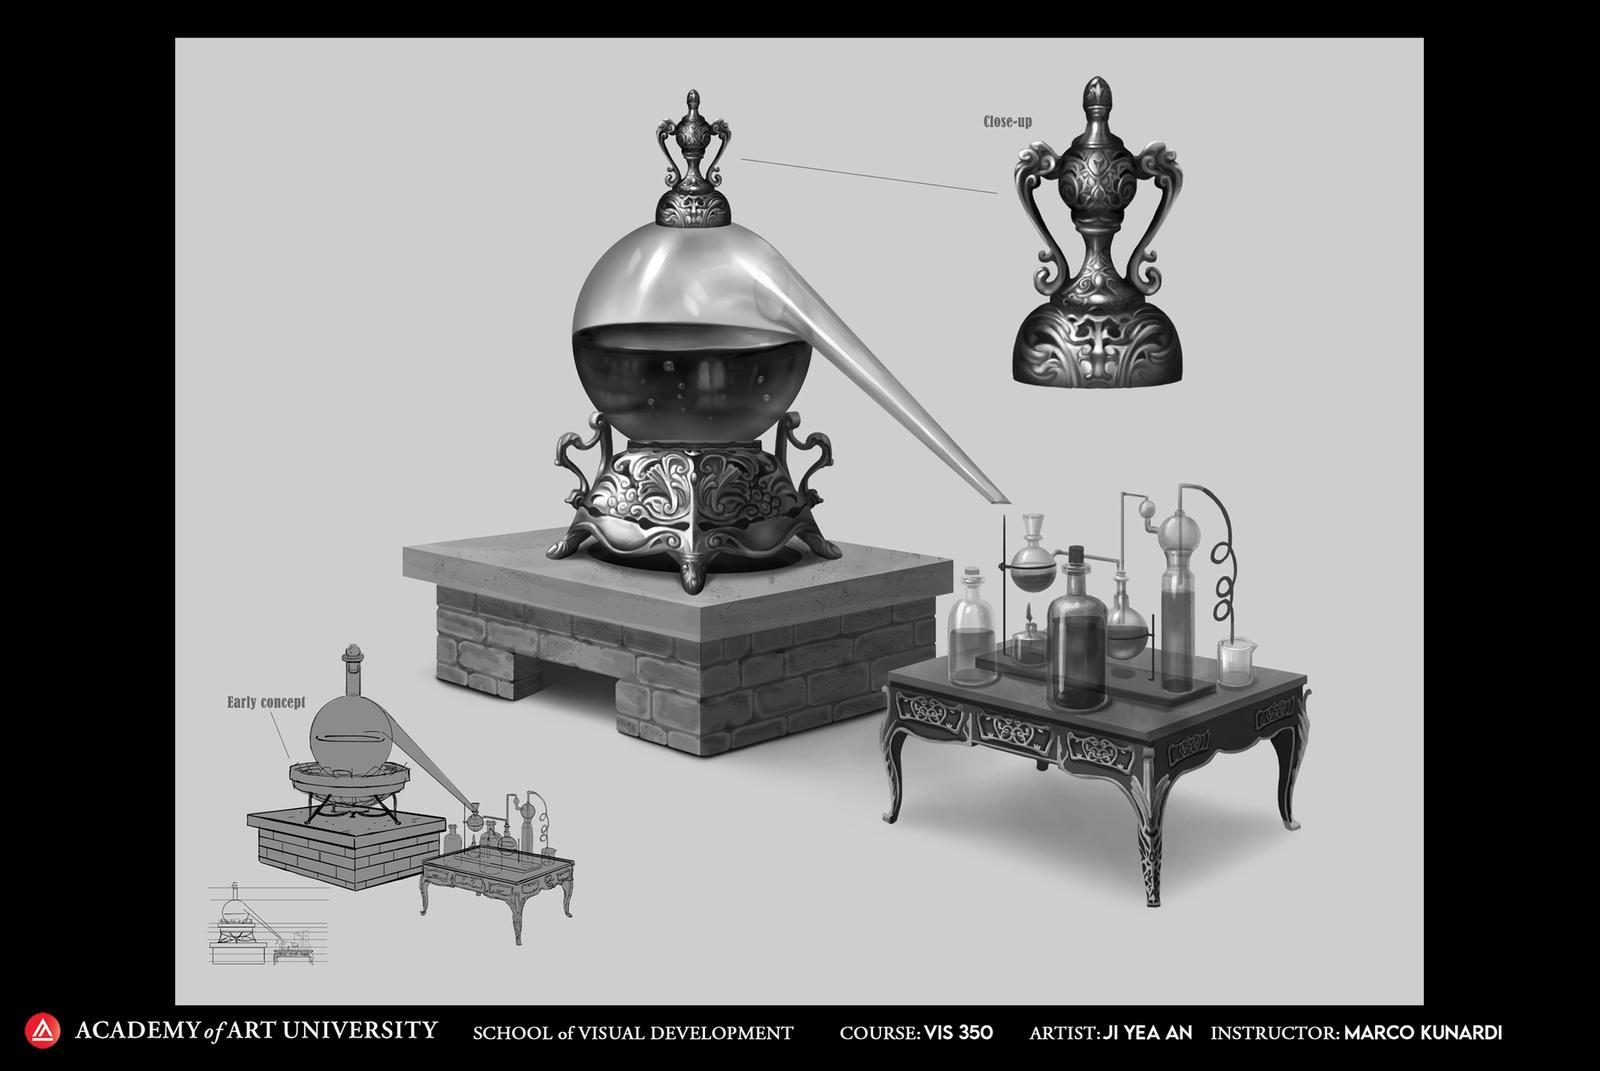 Jekyll and Hyde: Jekyll's Lab Equipment - Ji Yea An